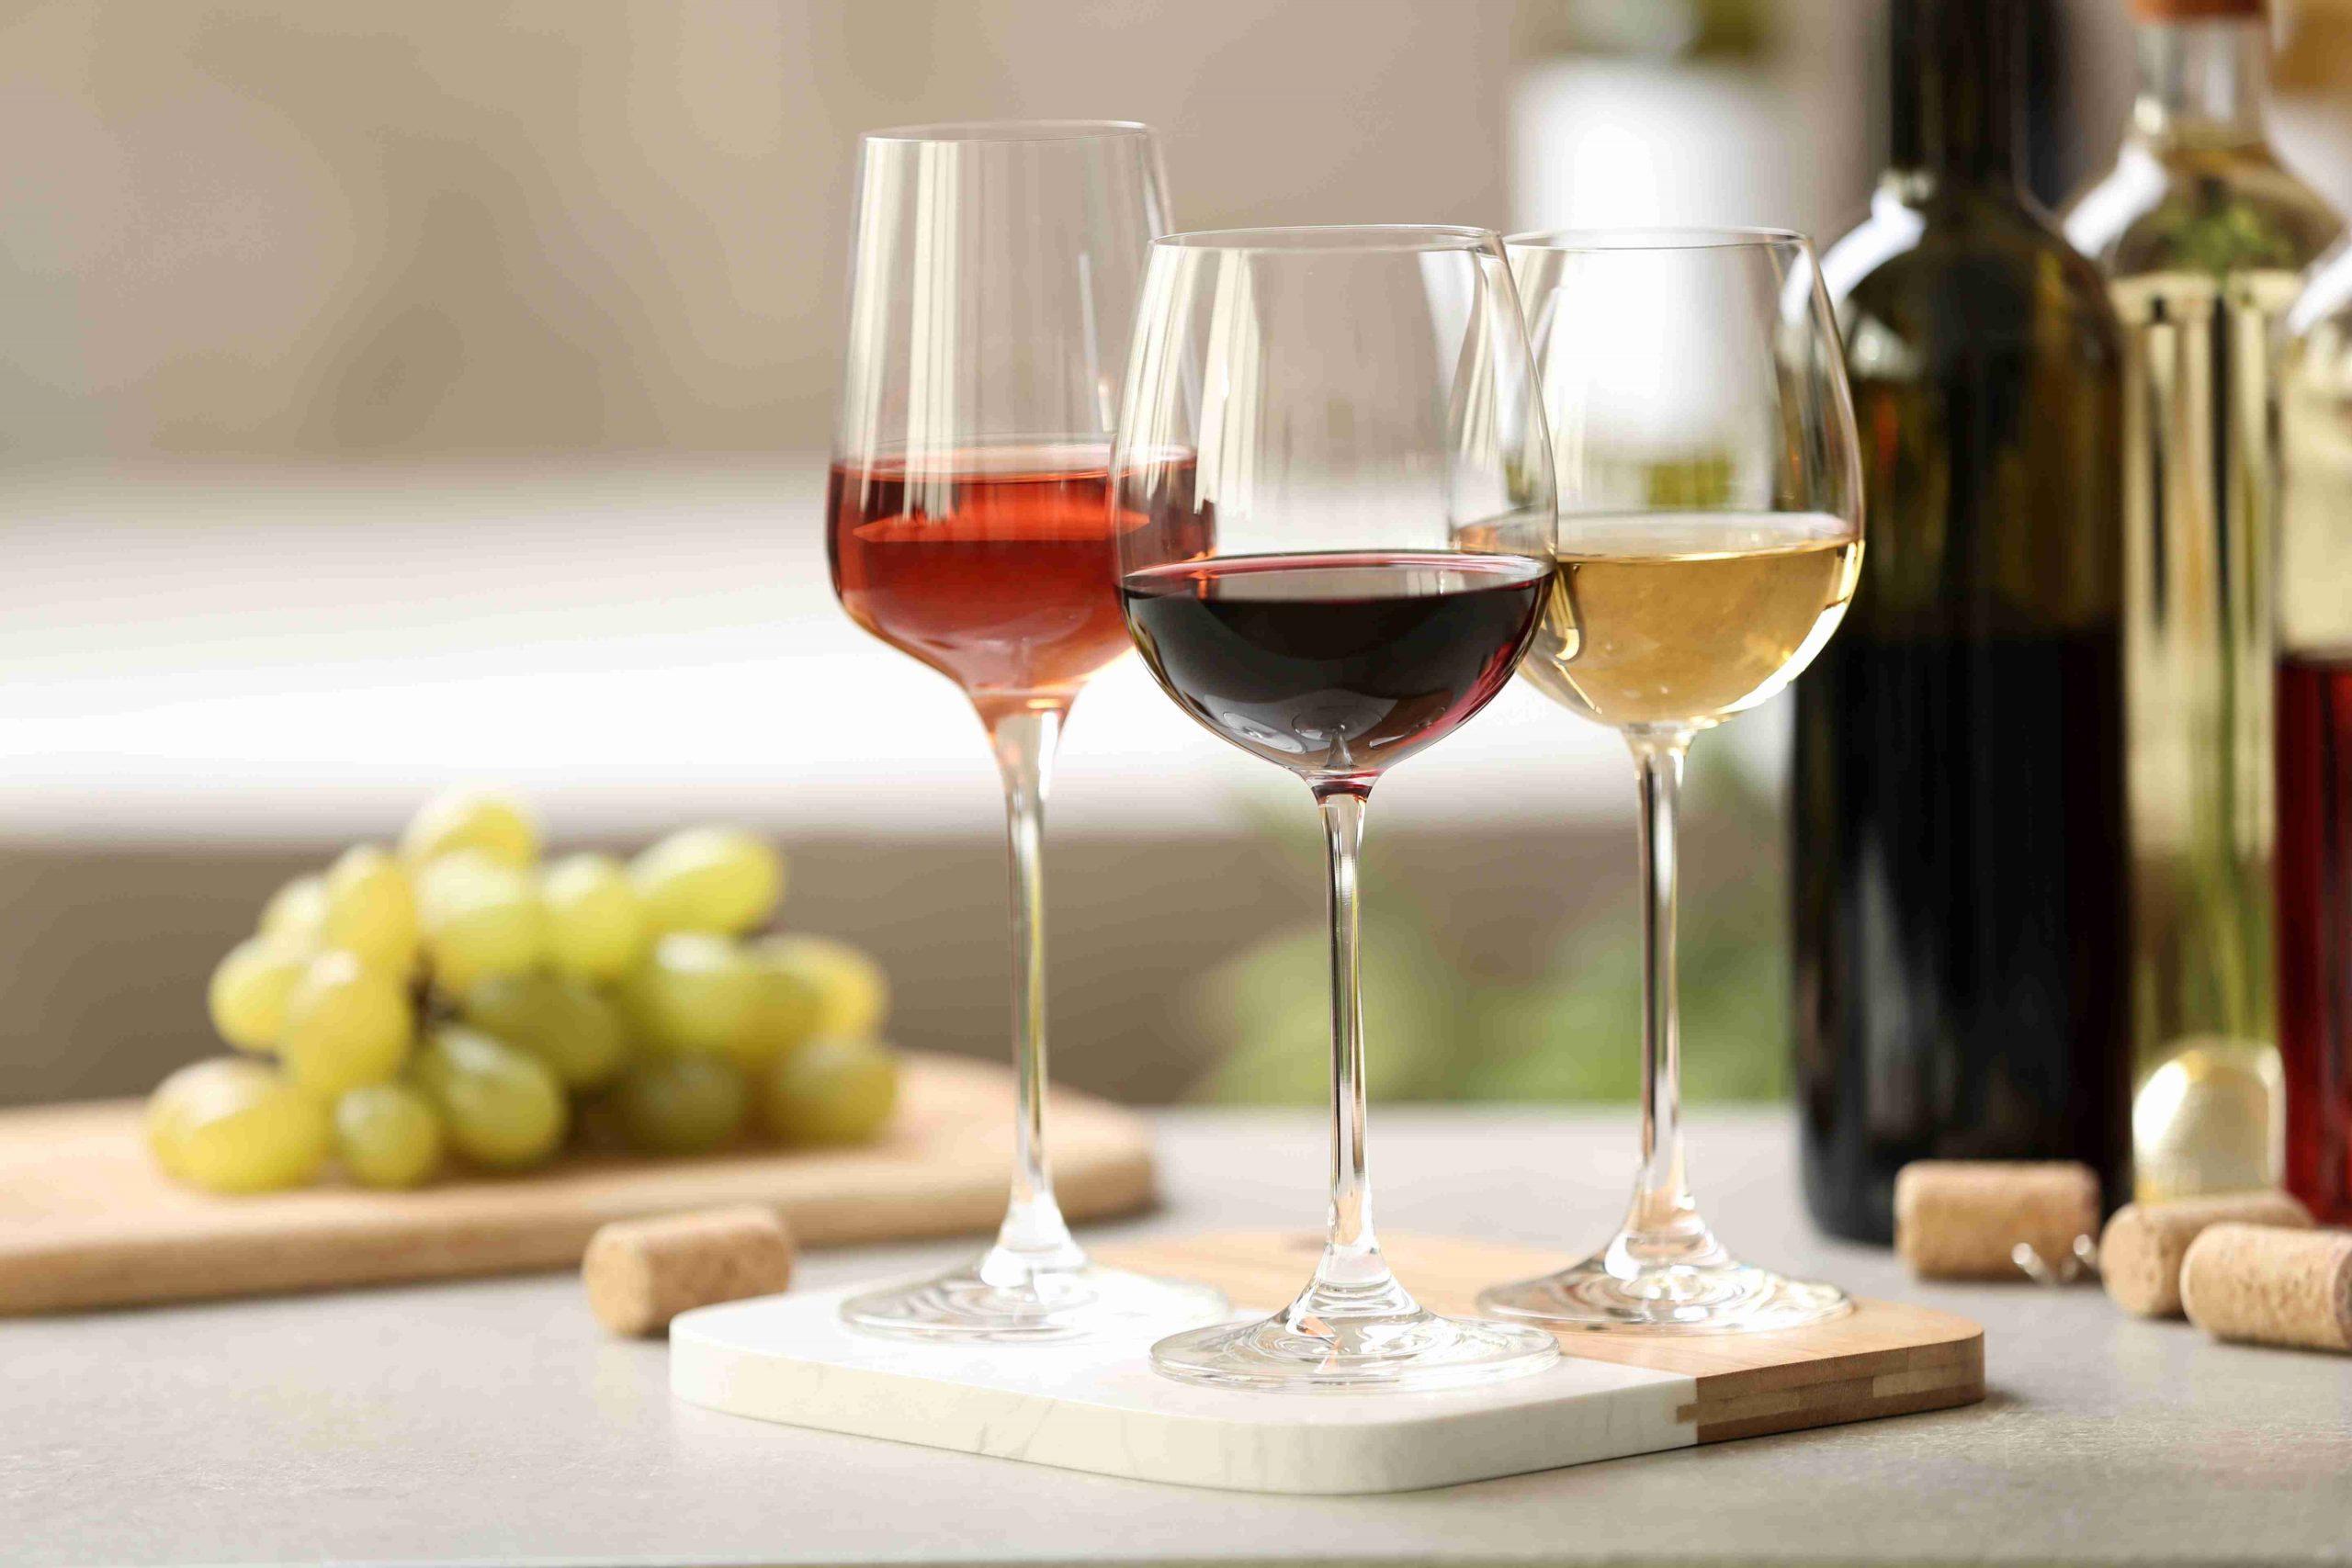 Comment reconnaître un bon vin facilement